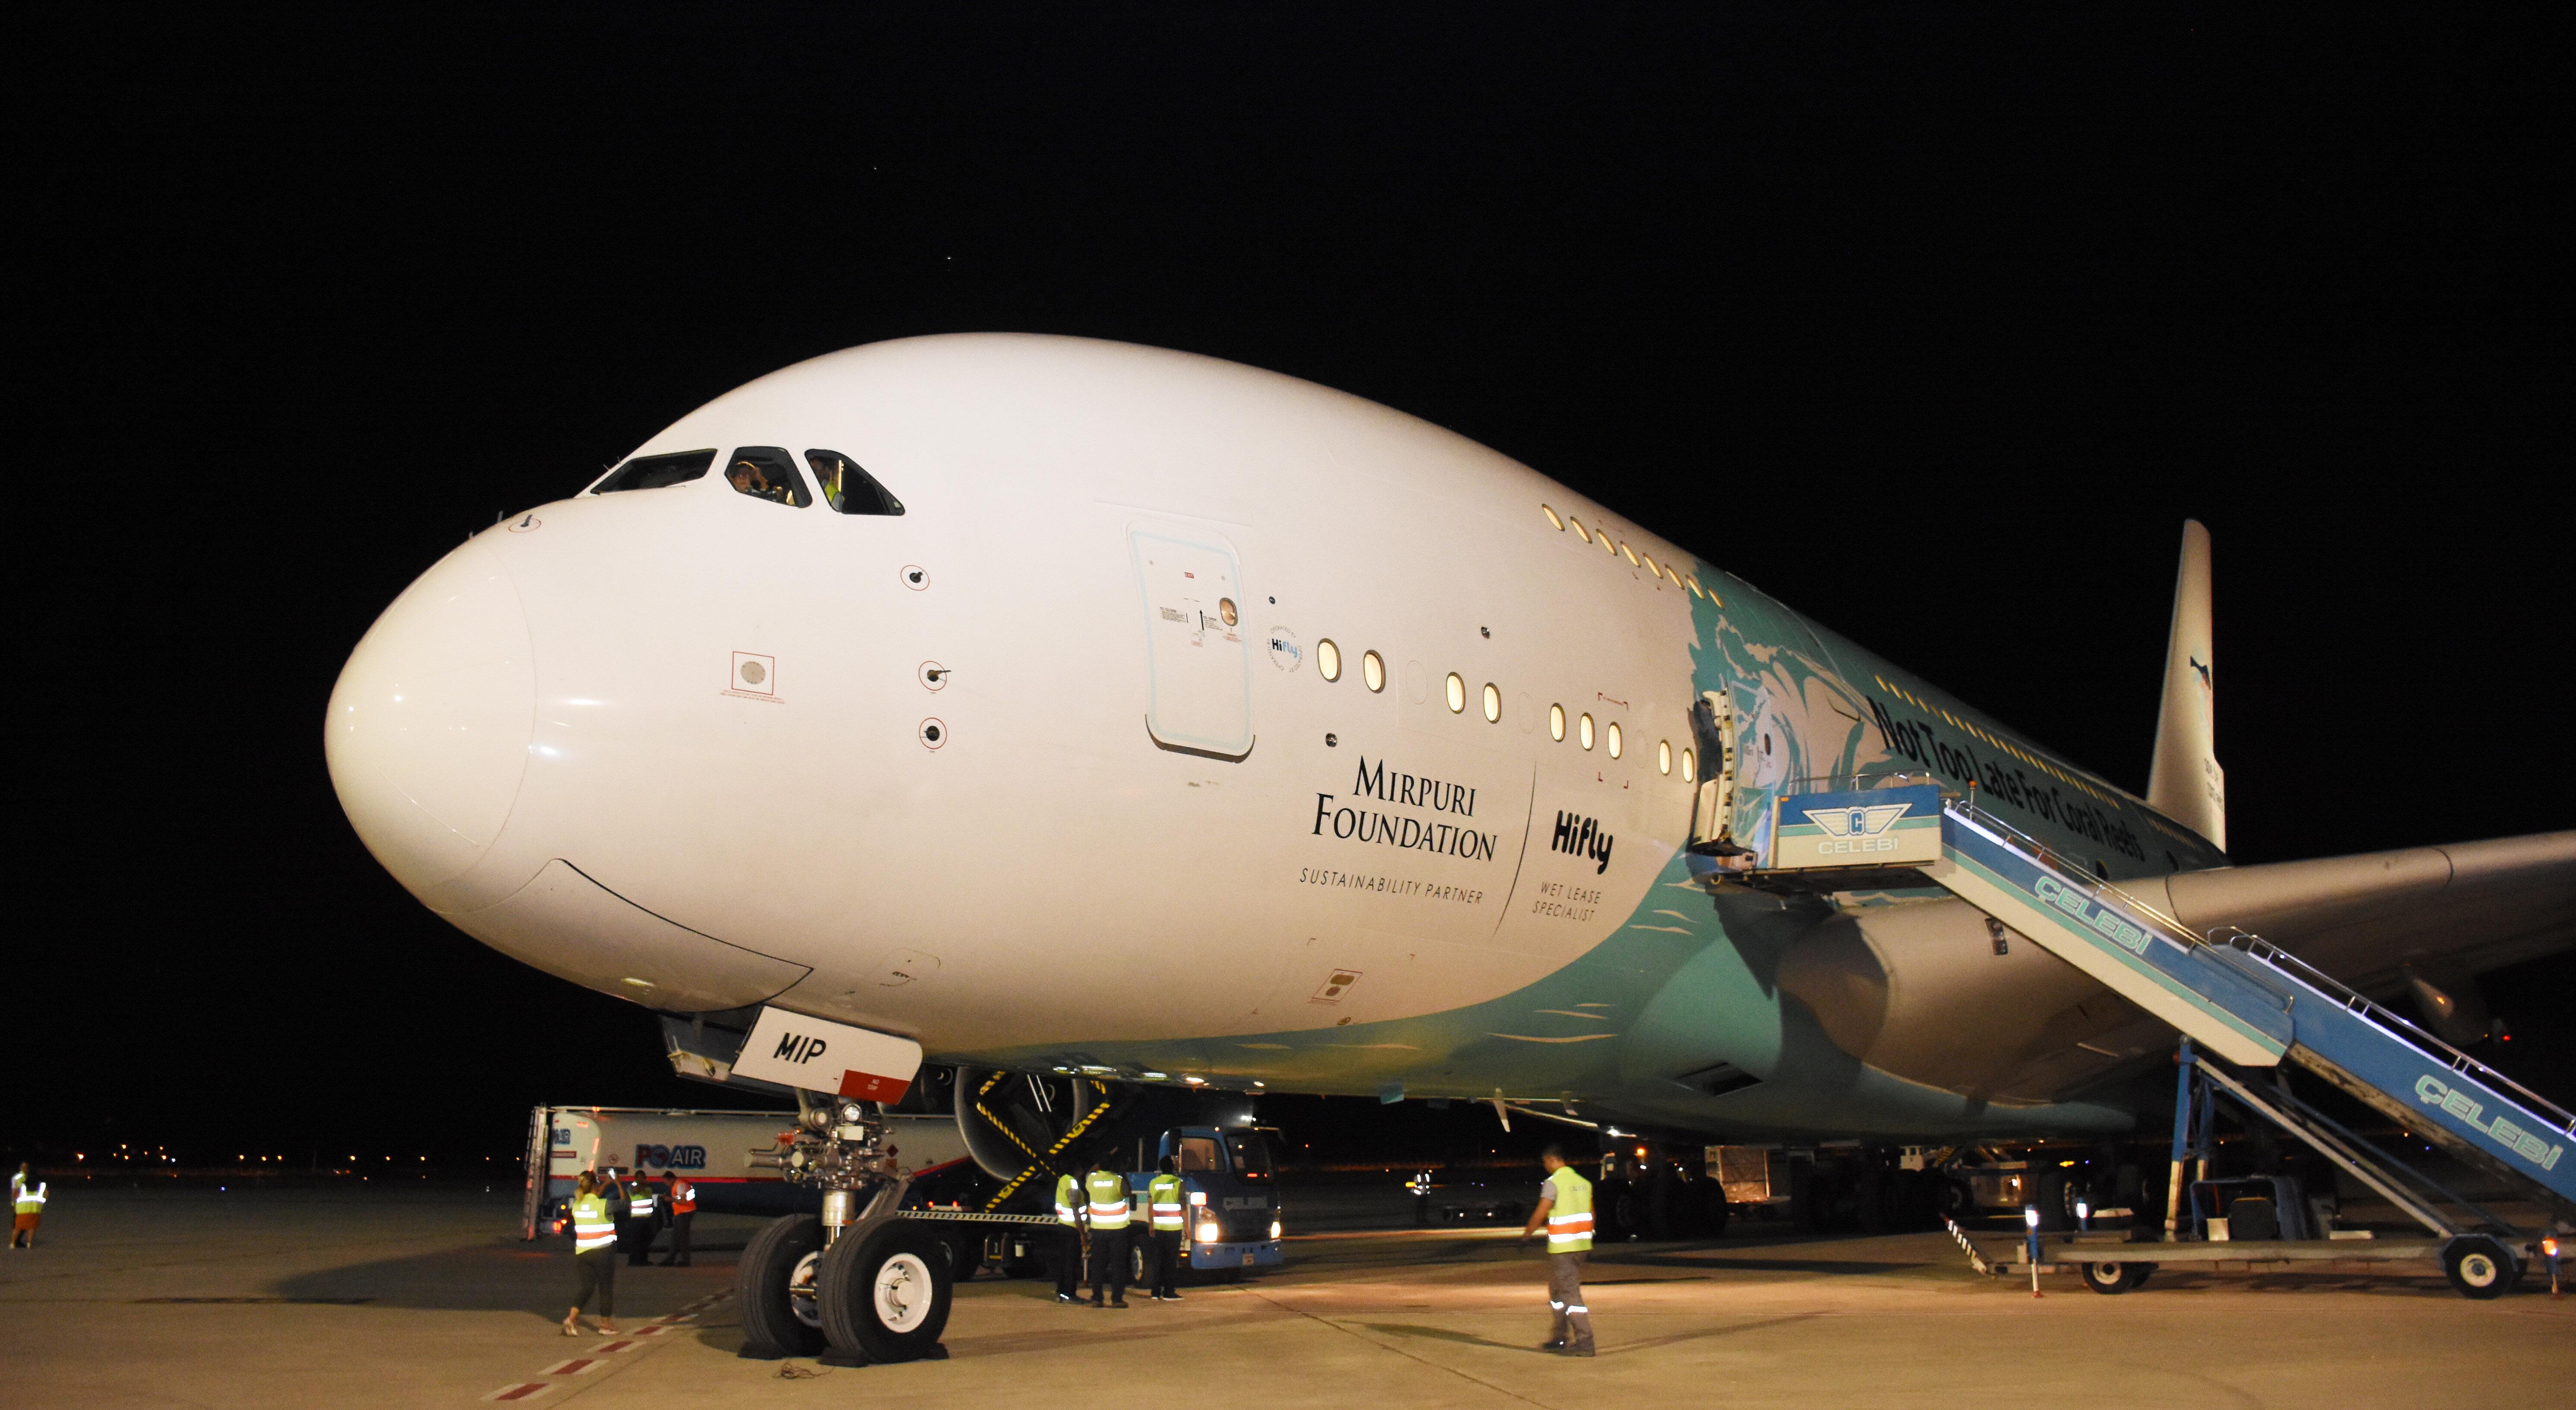 Thomas Cook'un yolcularını almaya gelen uçak.